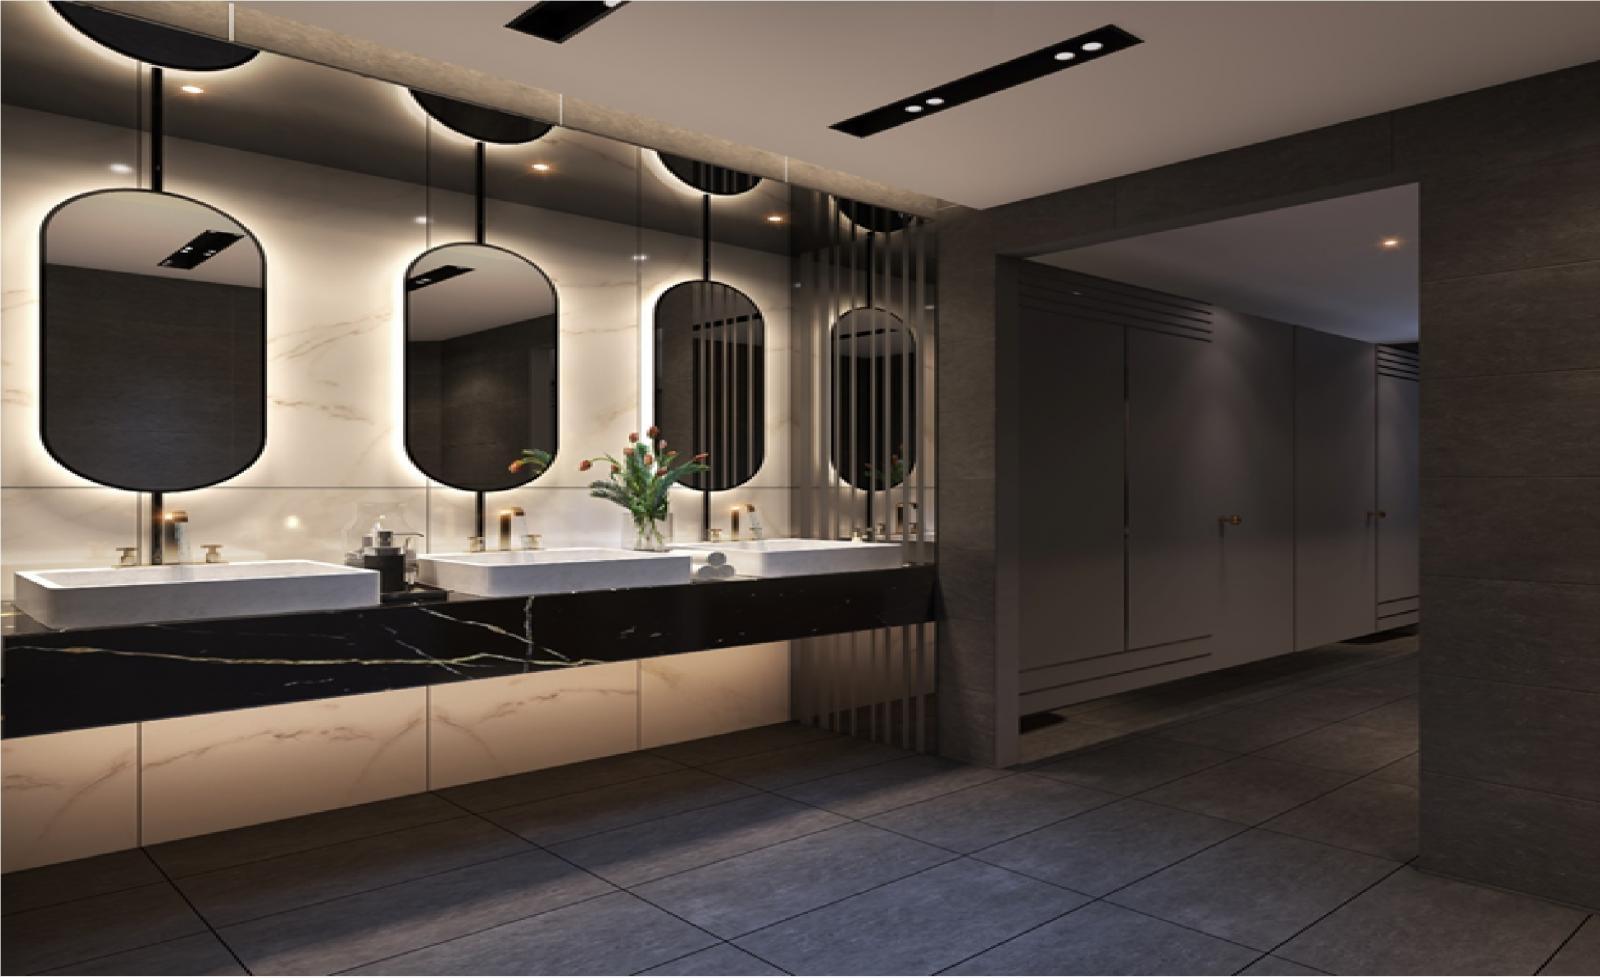 Một góc khu vệ sinh với bồn rửa tay và 4 chiếc gương treo tường hình bầu dục